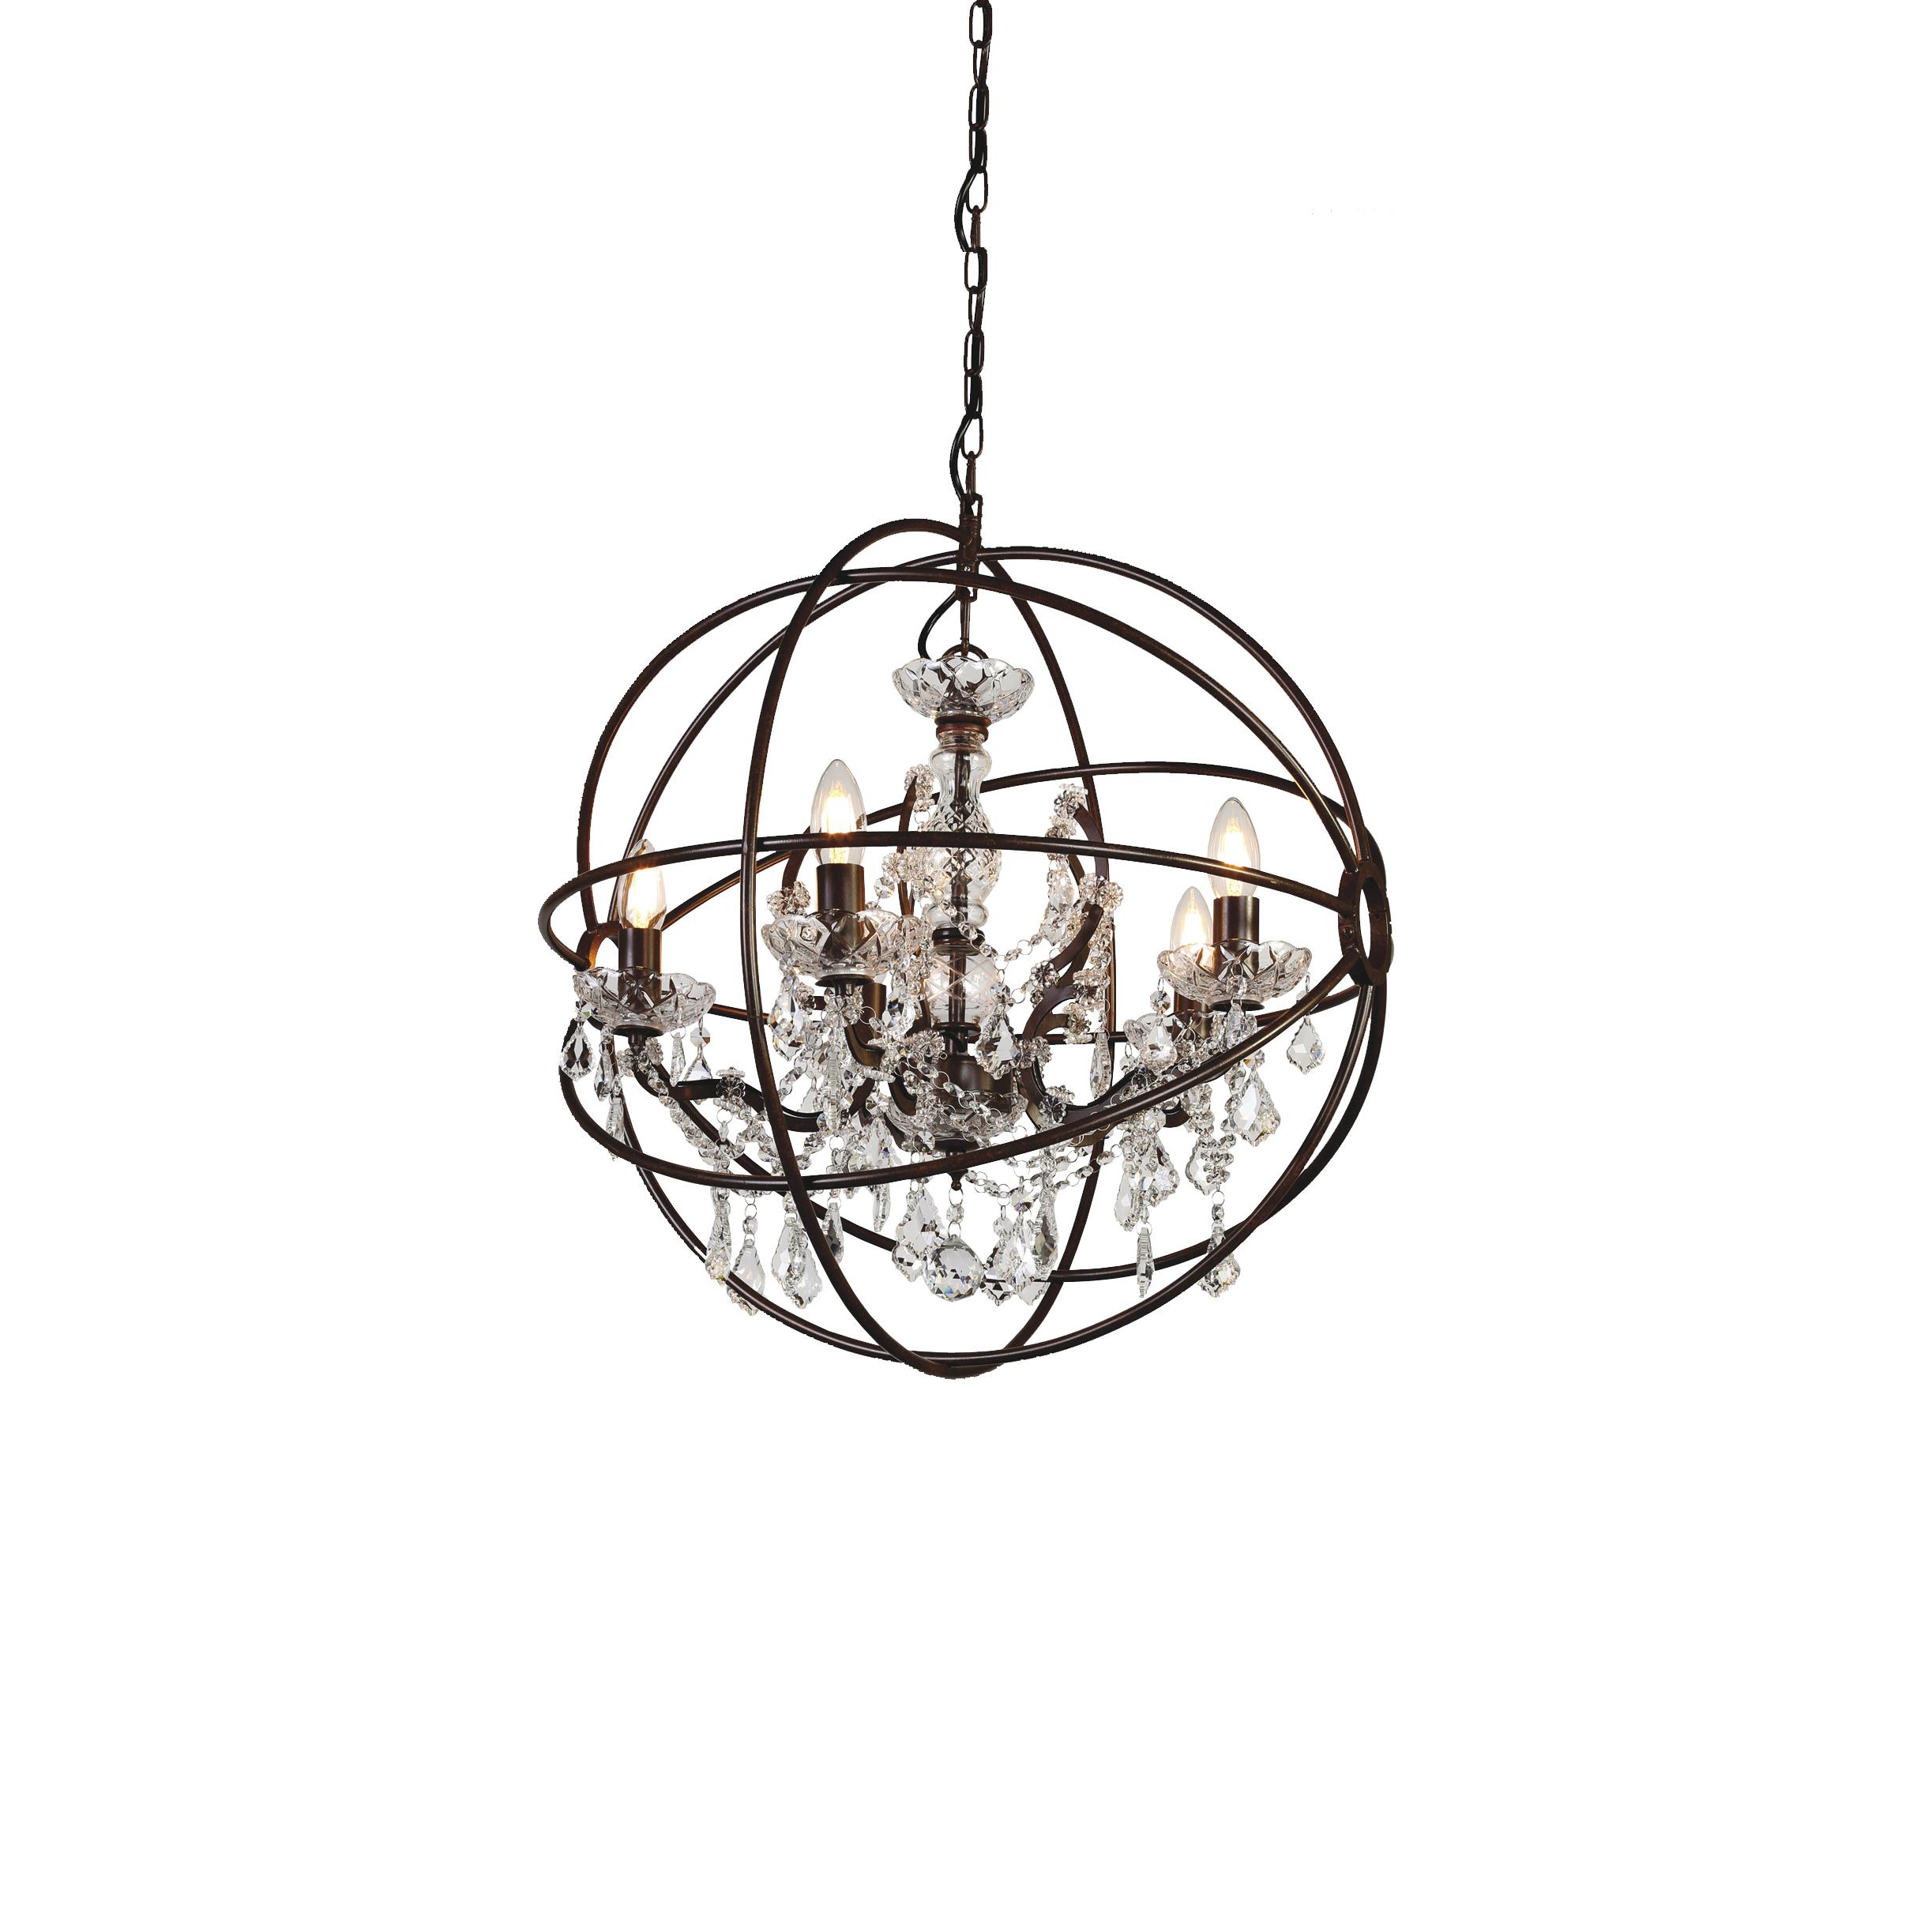 Подвесная люстра Favourite Orbit 1834-5P, 5xE14x40W, коричневый, прозрачный, металл, стекло, хрусталь - фото 2